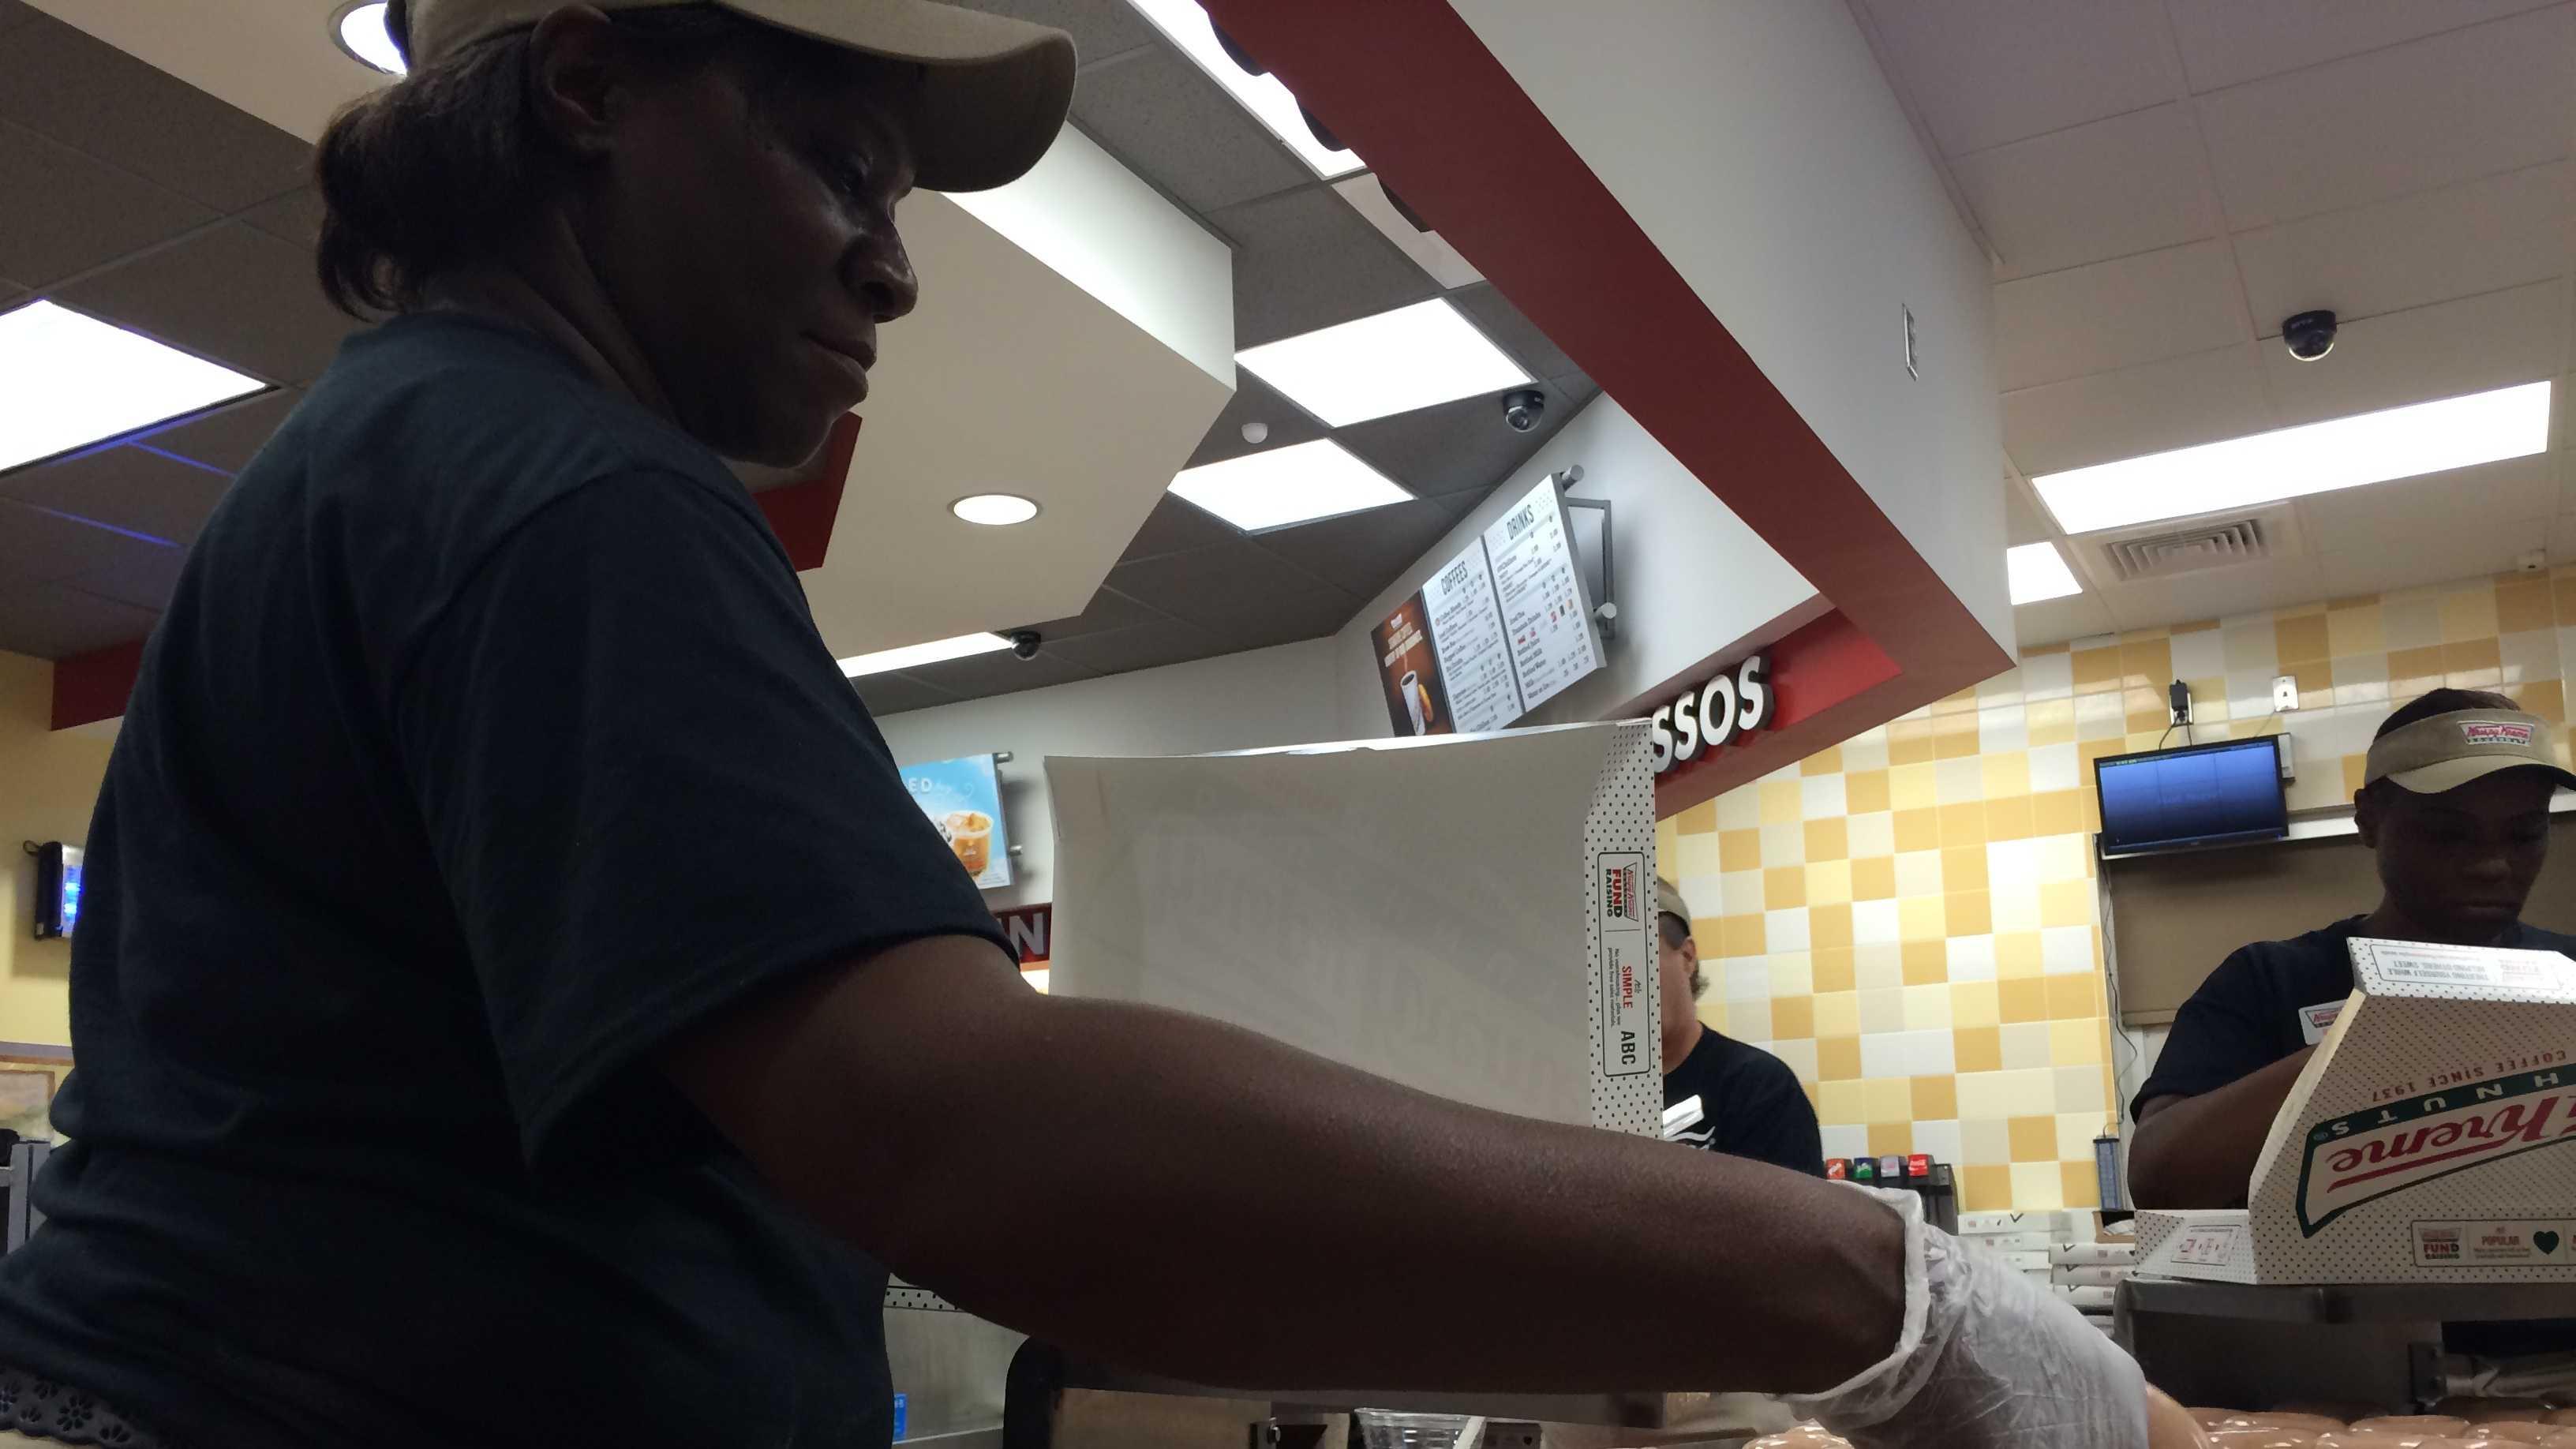 Anderson Krispy Kreme